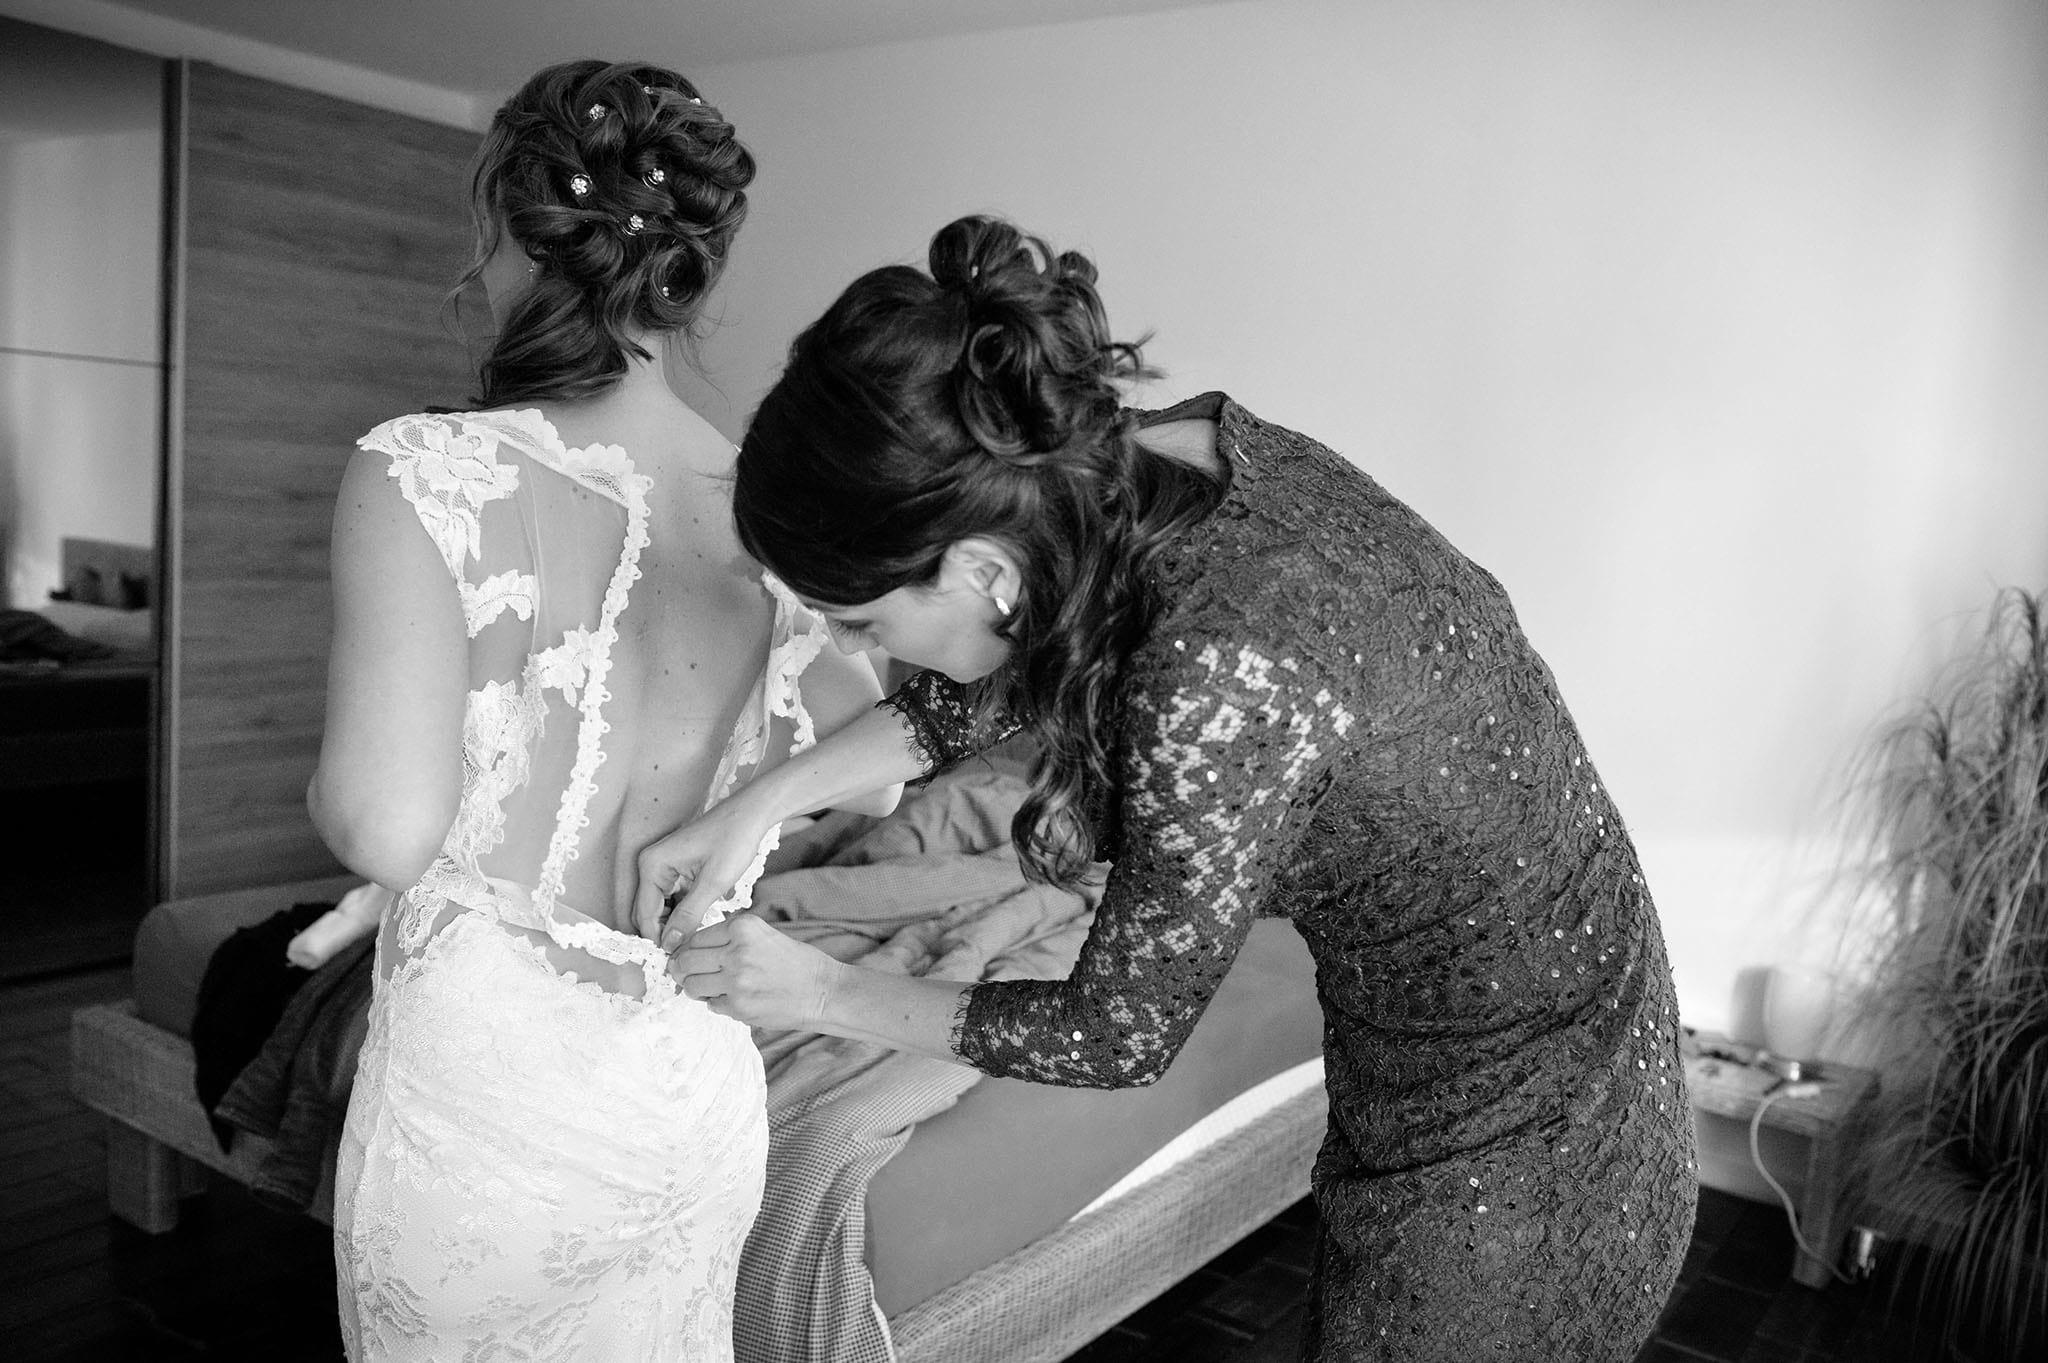 Hochzeit 003 Braut Hochzeit heiraten Foto fotografieren Bensheim Brautkleid Ankleide Trauzeugin Hochzeitsfoto Daniel Fuss Fotografie